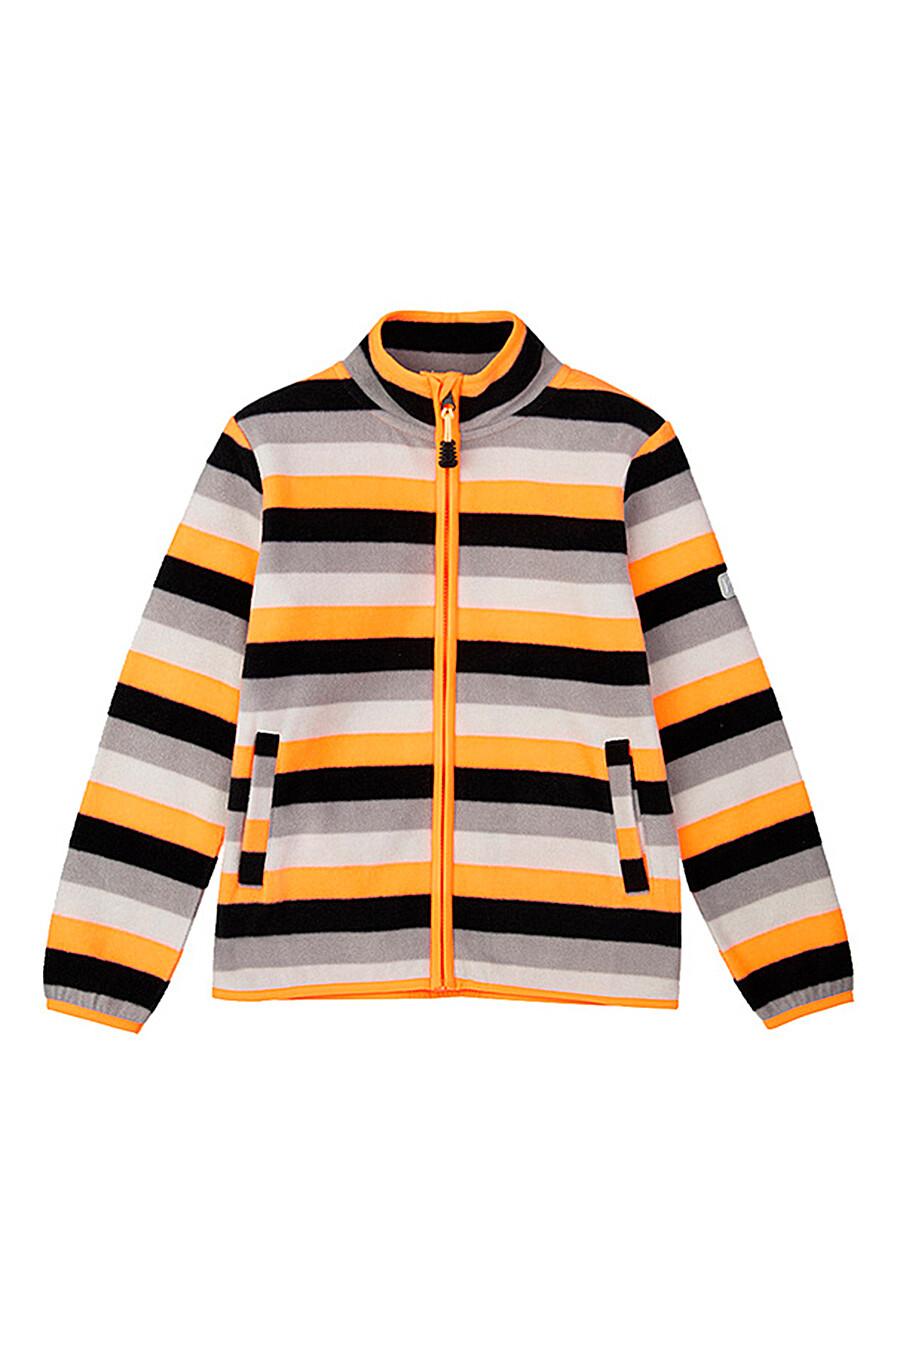 Толстовка для мальчиков PLAYTODAY 239425 купить оптом от производителя. Совместная покупка детской одежды в OptMoyo